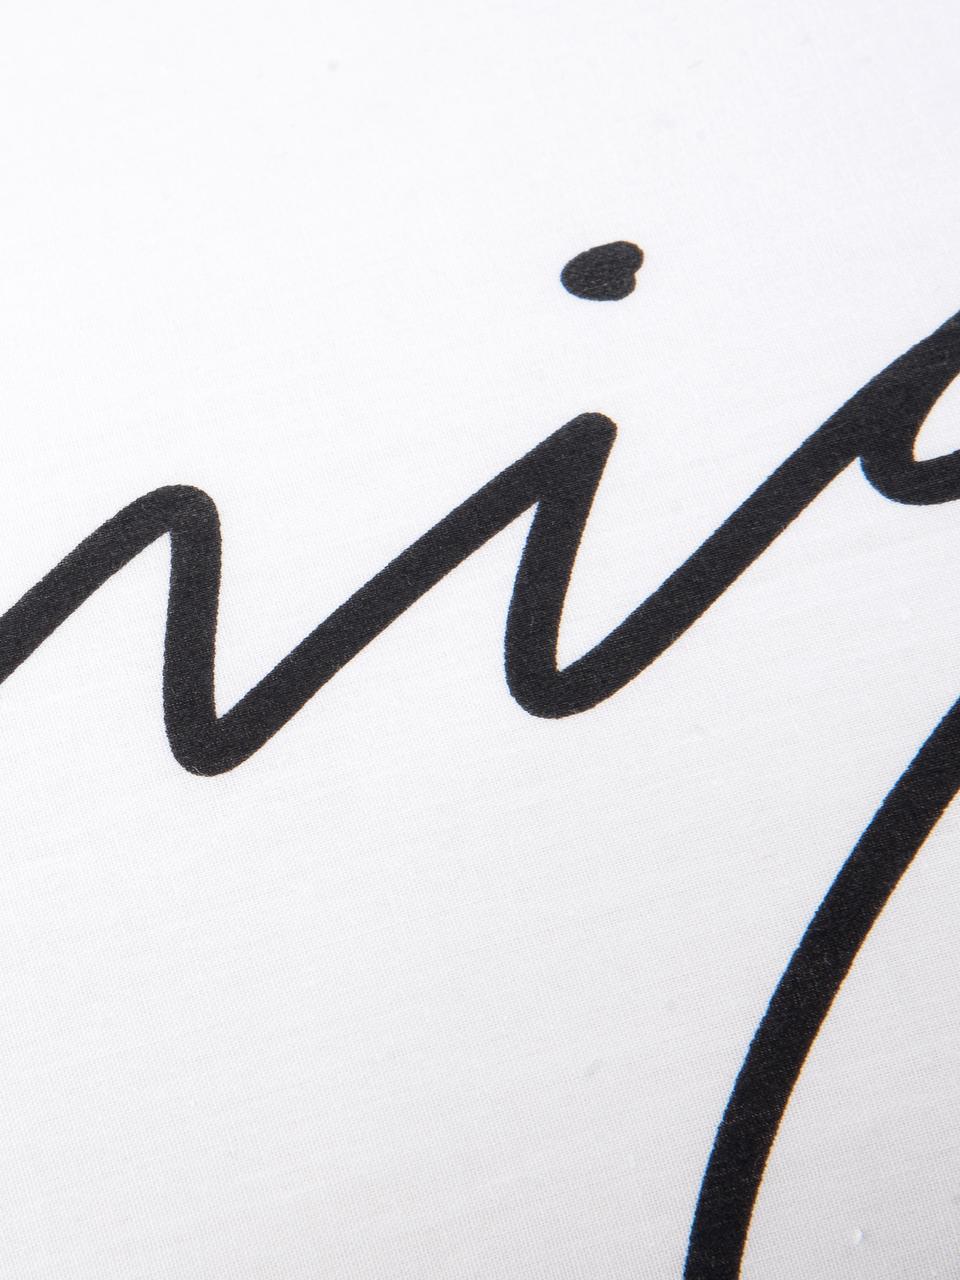 Baumwollperkal-Kissenbezüge Writings mit Schriftzug, 2 Stück, Webart: Perkal Fadendichte 180 TC, Weiß, Schwarz, 40 x 80 cm